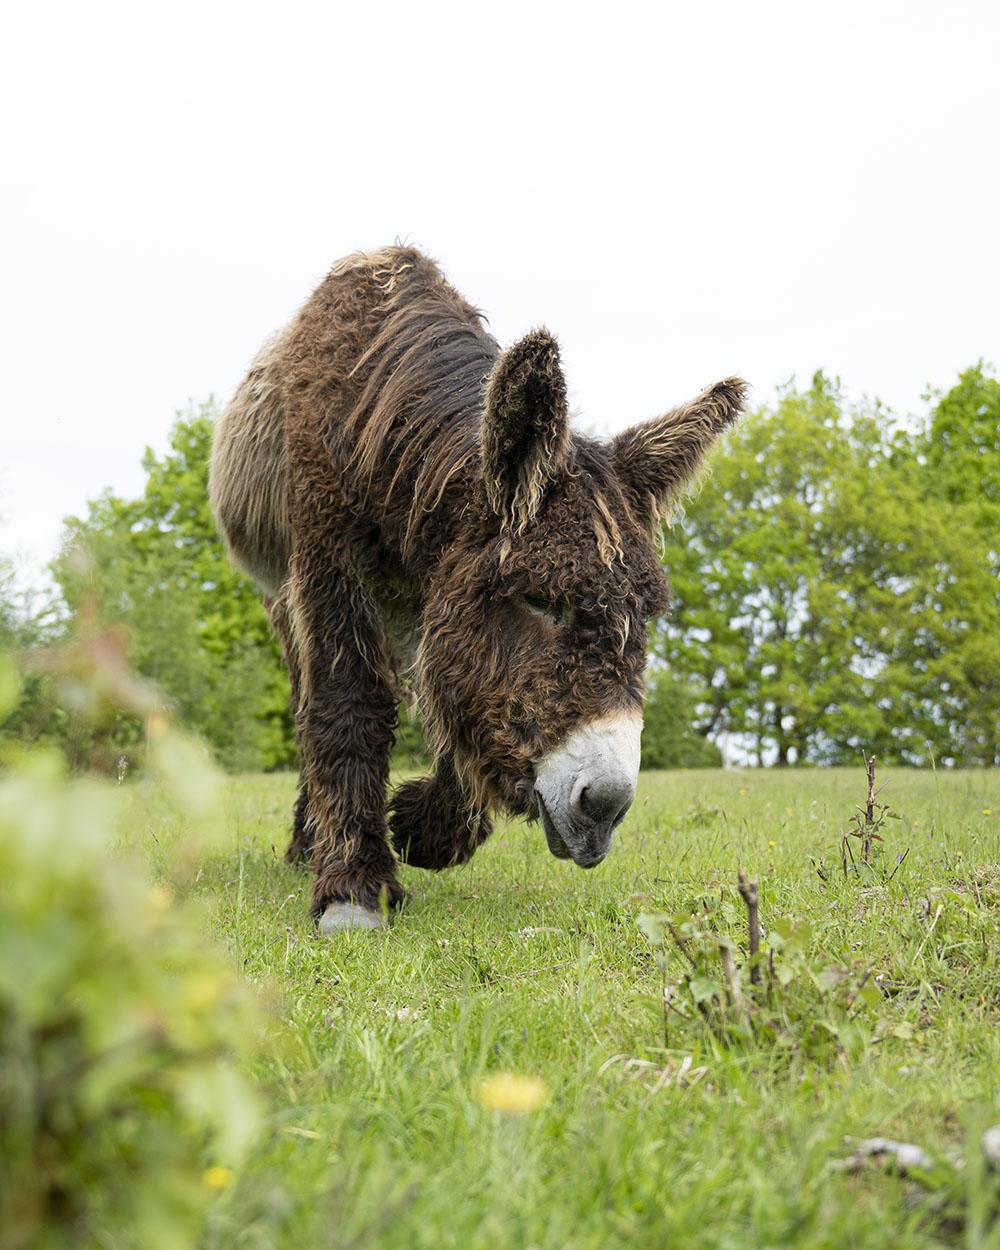 Der Poitou-Esel noch einmal in der Nahaufnahme.